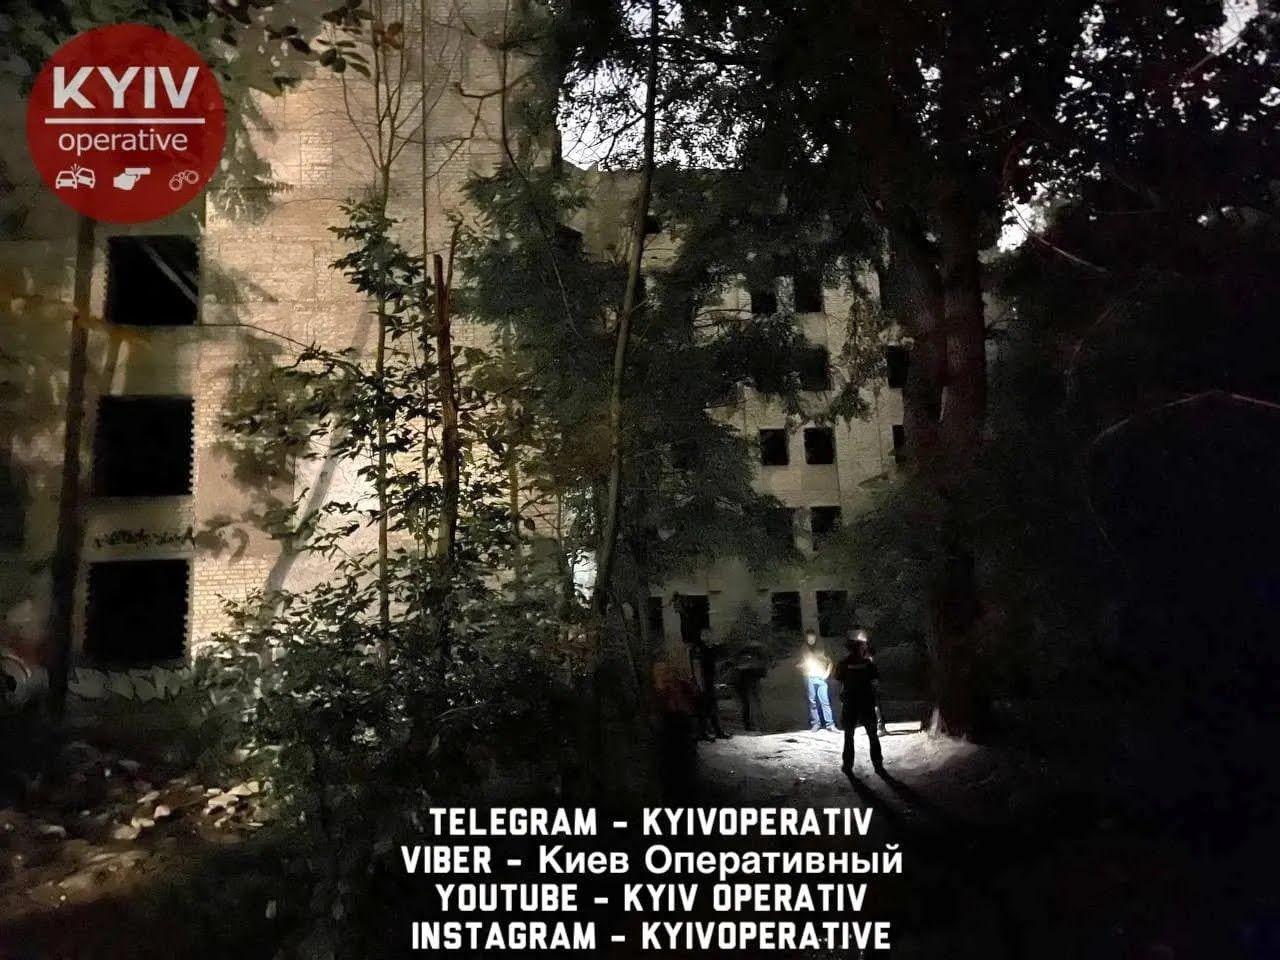 Взрыв произошел на территории психбольницы.